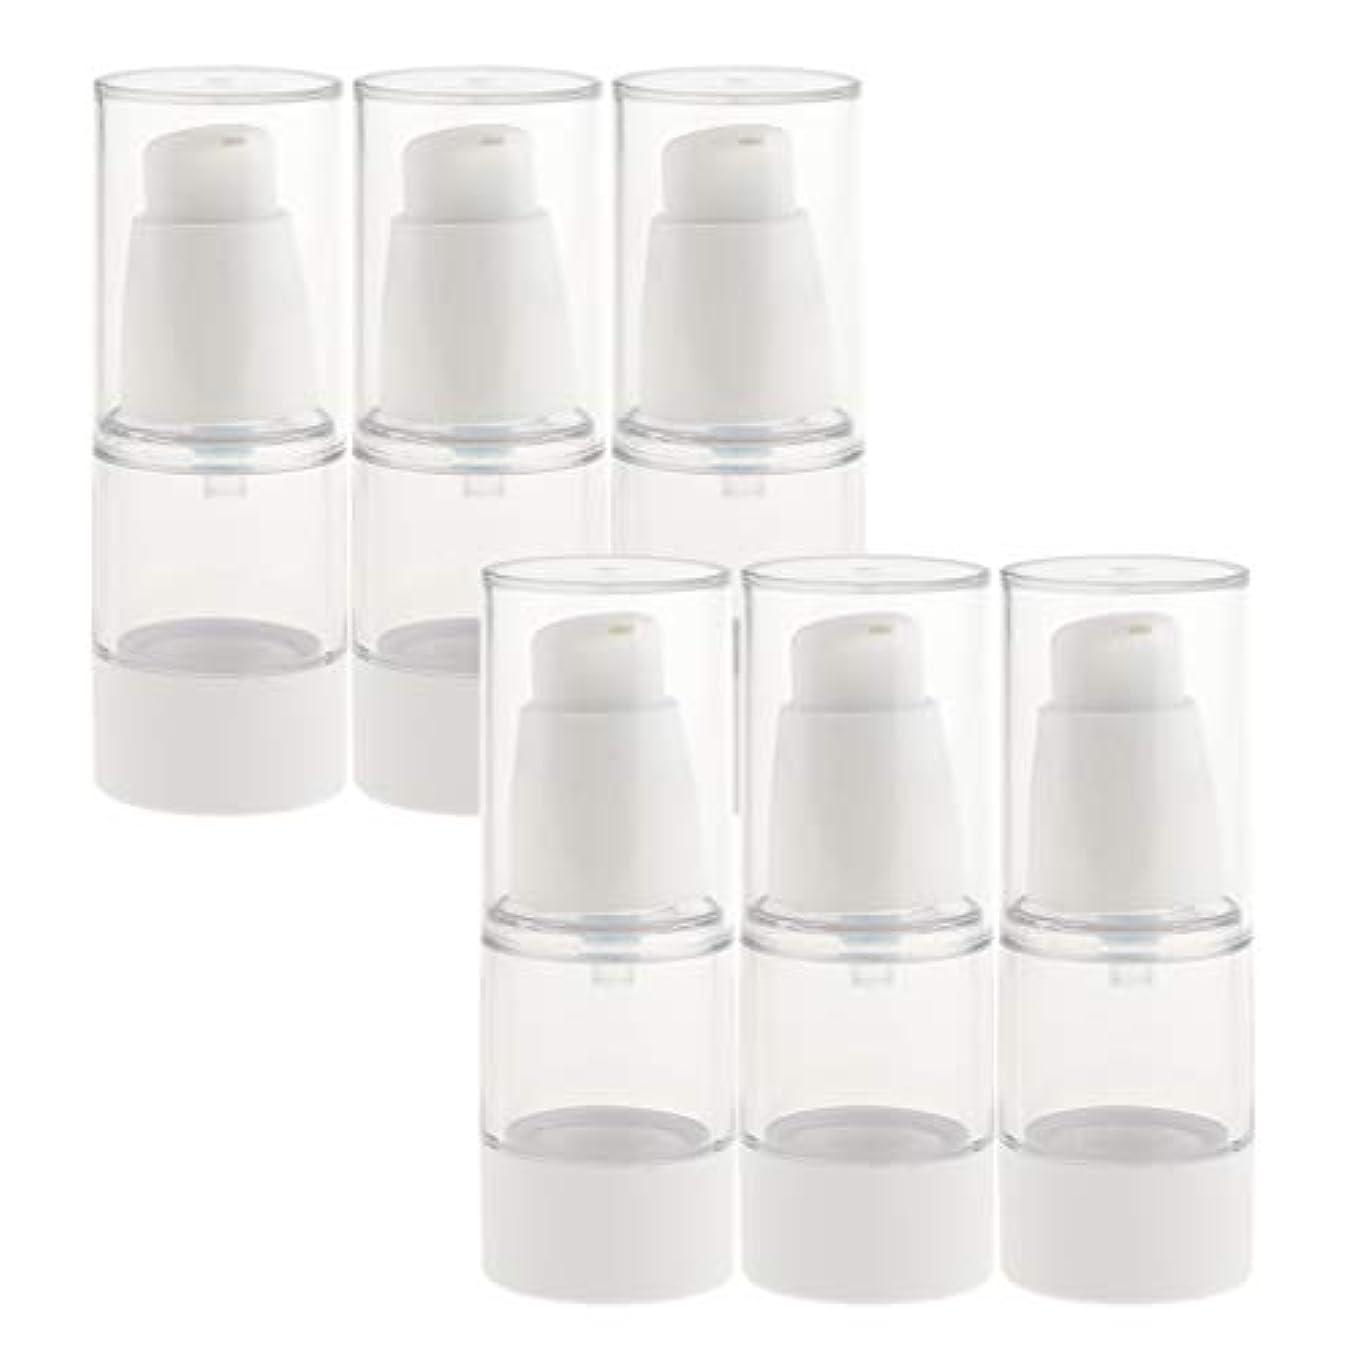 義務づける風景ロッドB Baosity 6個 真空スプレーボトル ミストボトル 真空ボトル コスメ 化粧品 2サイズ選べ - 15ミリリットル